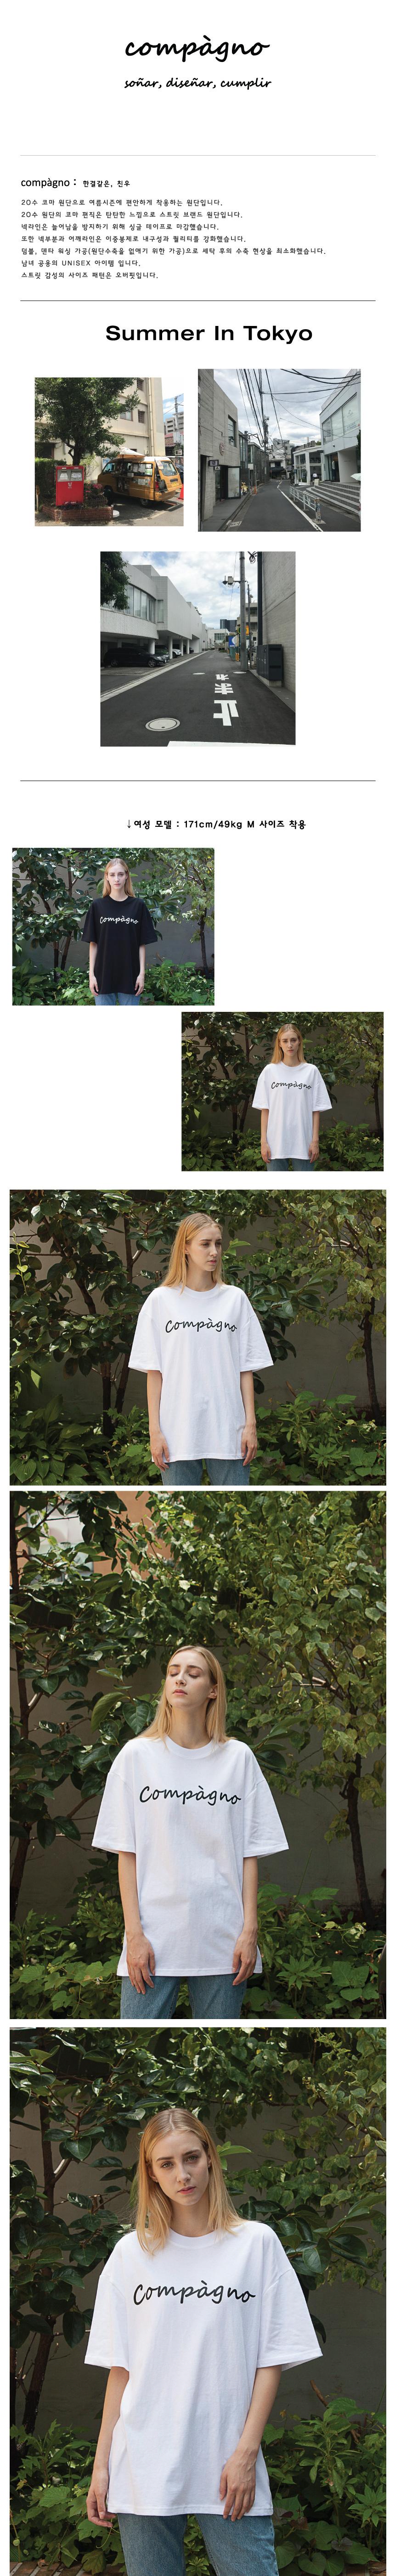 꼼파뇨(COMPAGNO) [20수] 오버핏 꼼파뇨 클래식 로고 반팔 화이트